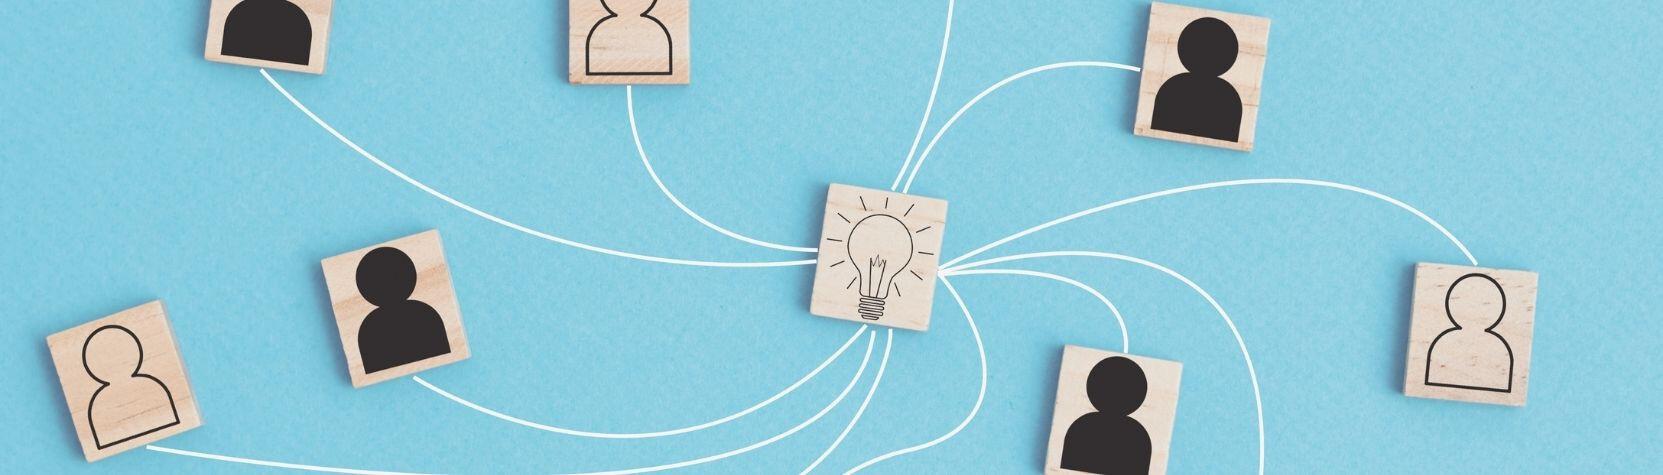 Vds training consultants blog waarom het verbinden van generaties in je organisatie belangrijk is